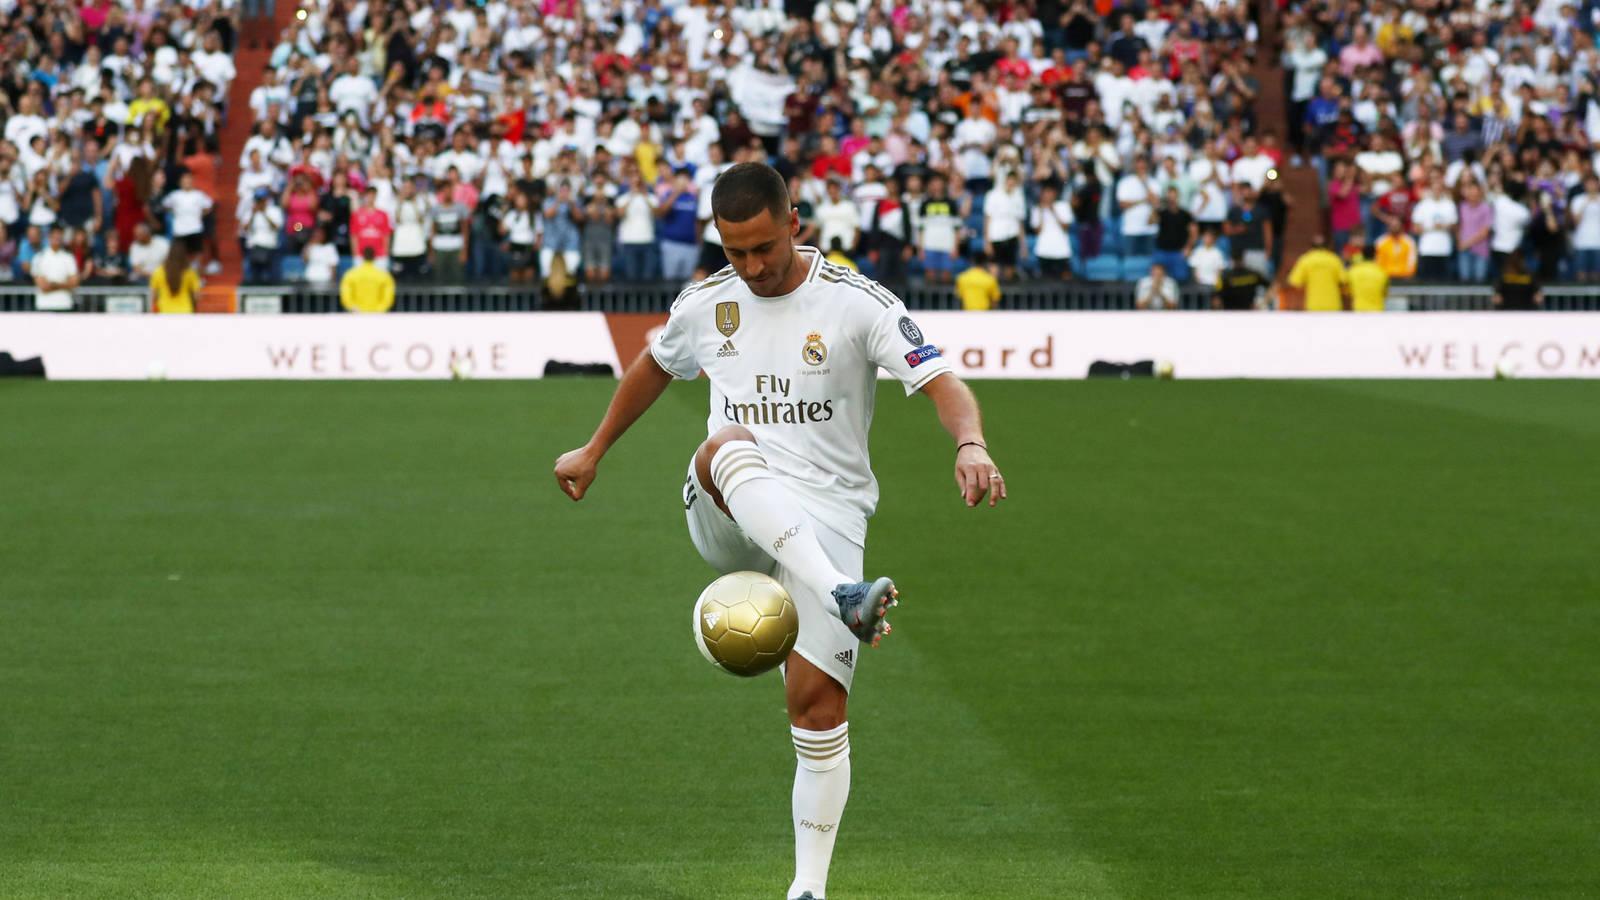 ¿Volverá a jugar Hazard esta temporada?